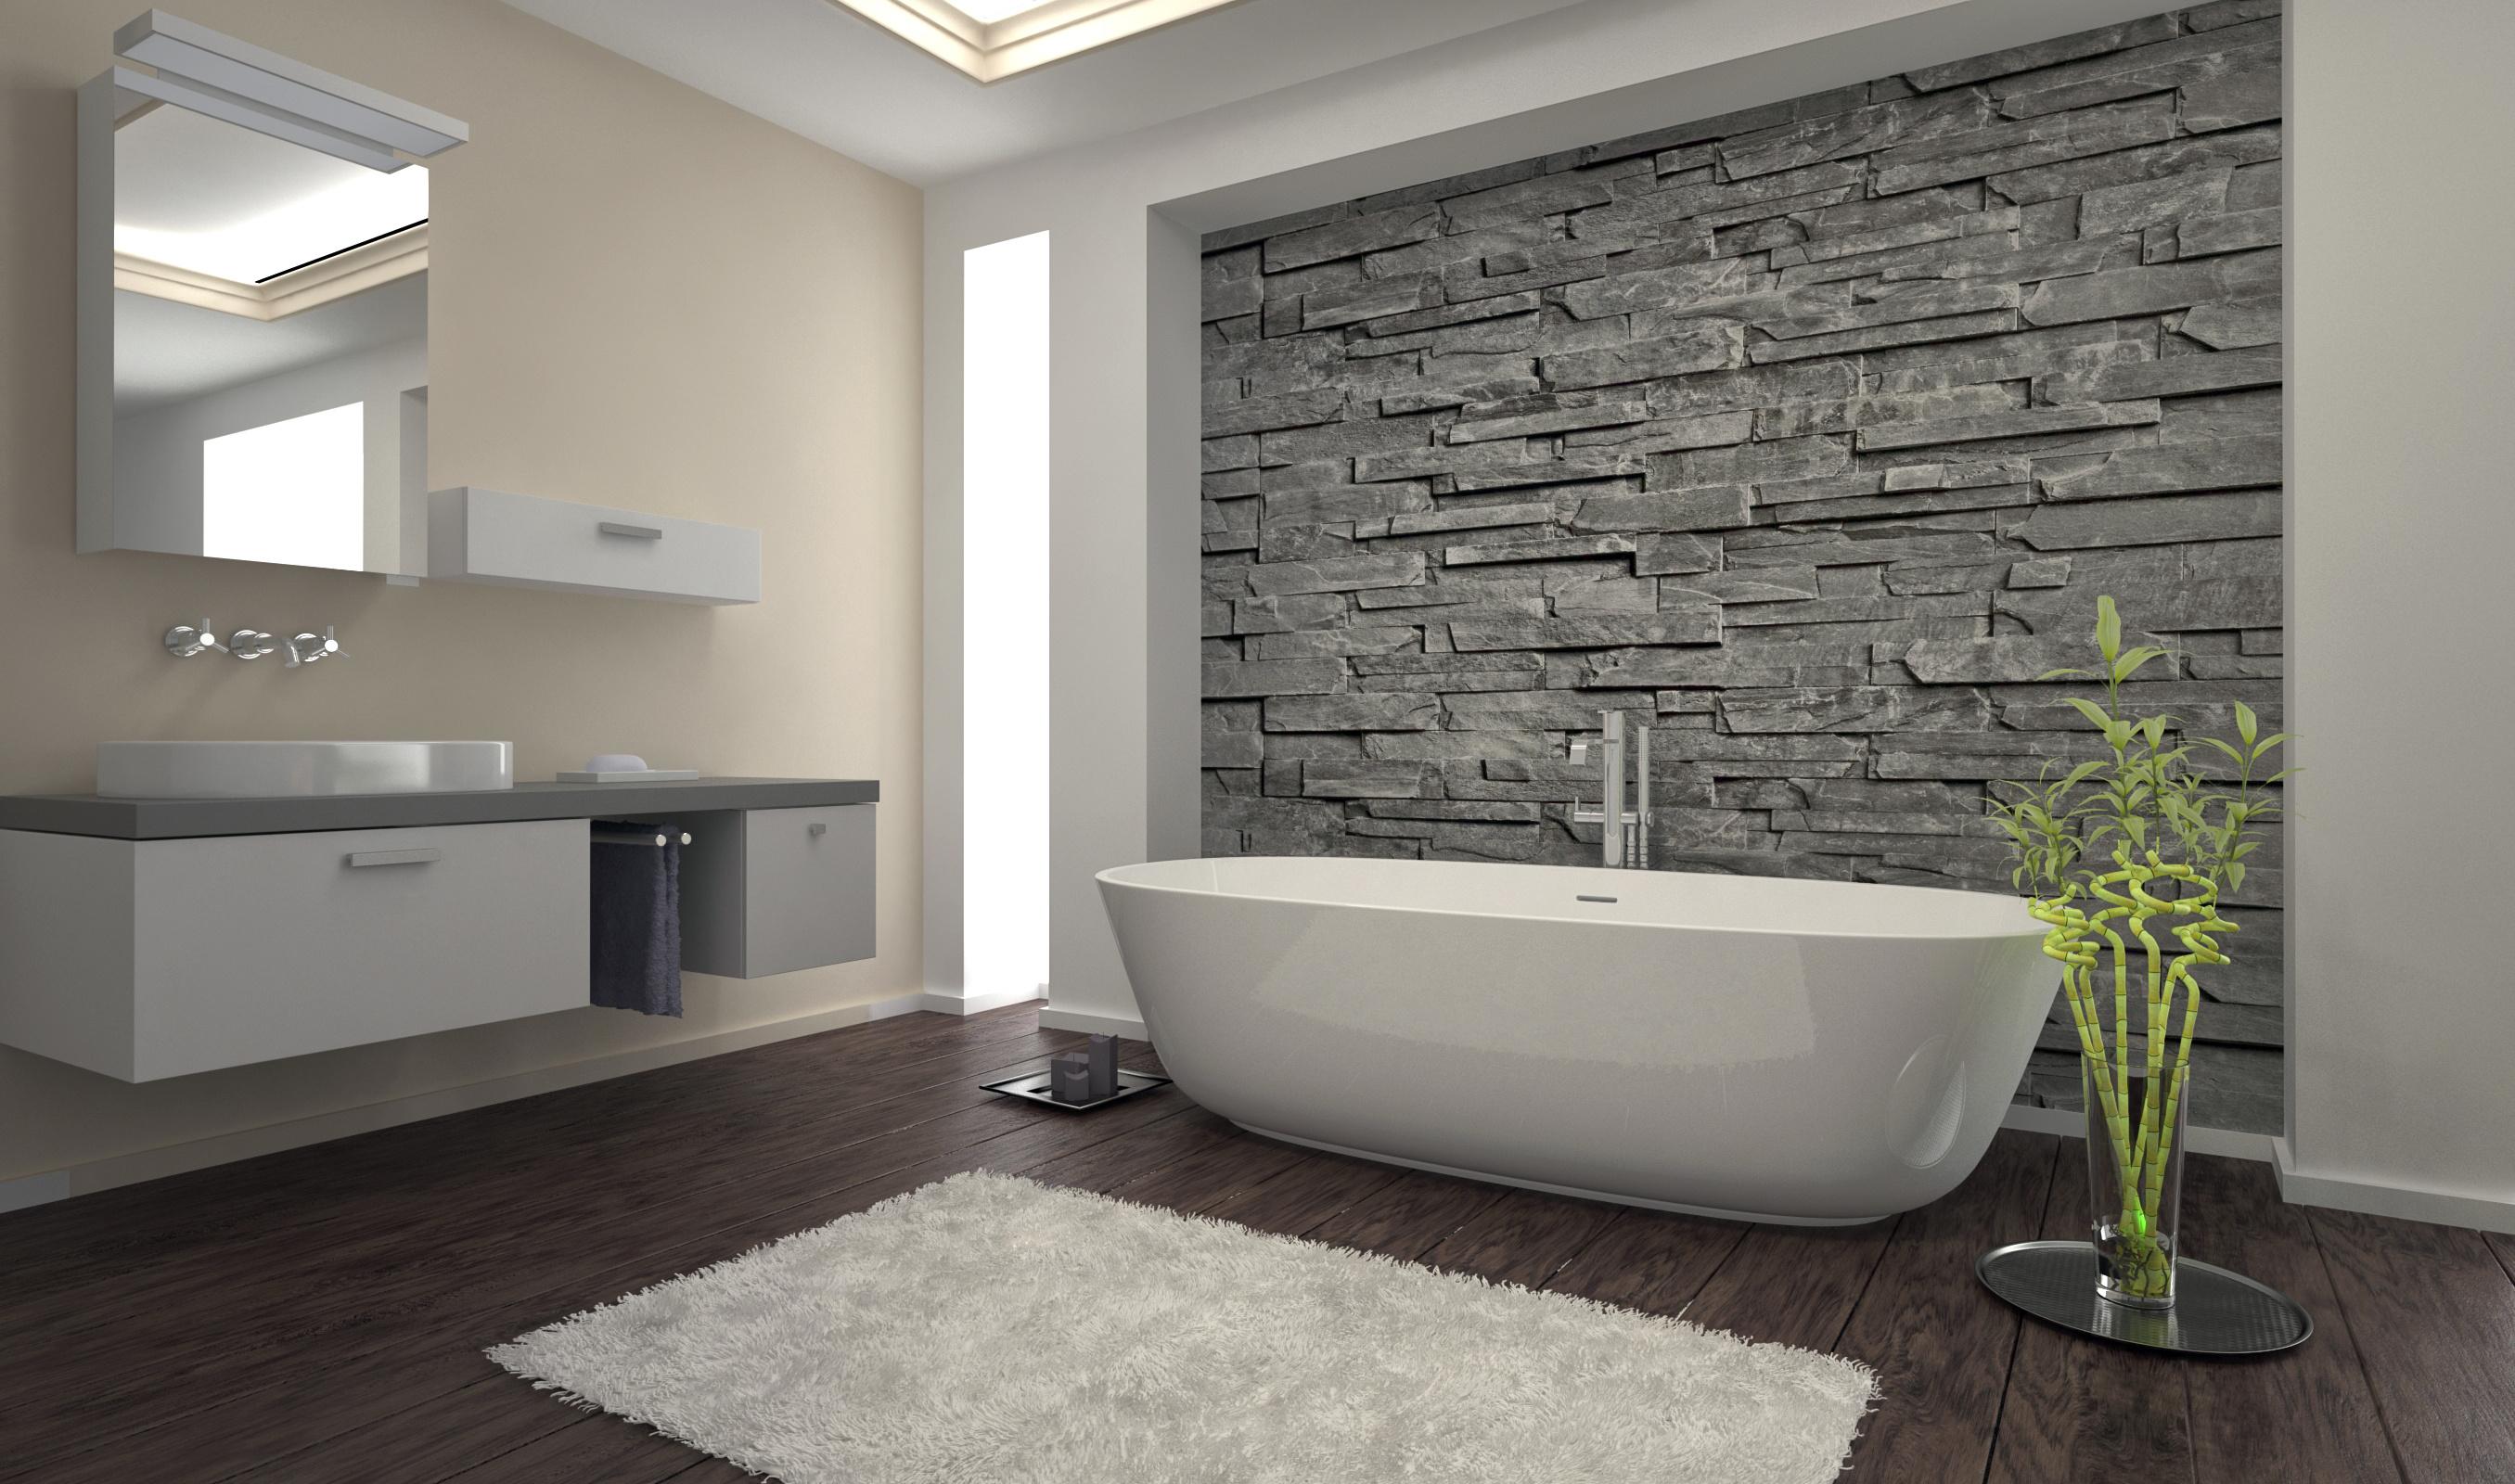 Faillance Salle De Bain la faïence de salle de bain, un revêtement robuste qui a du